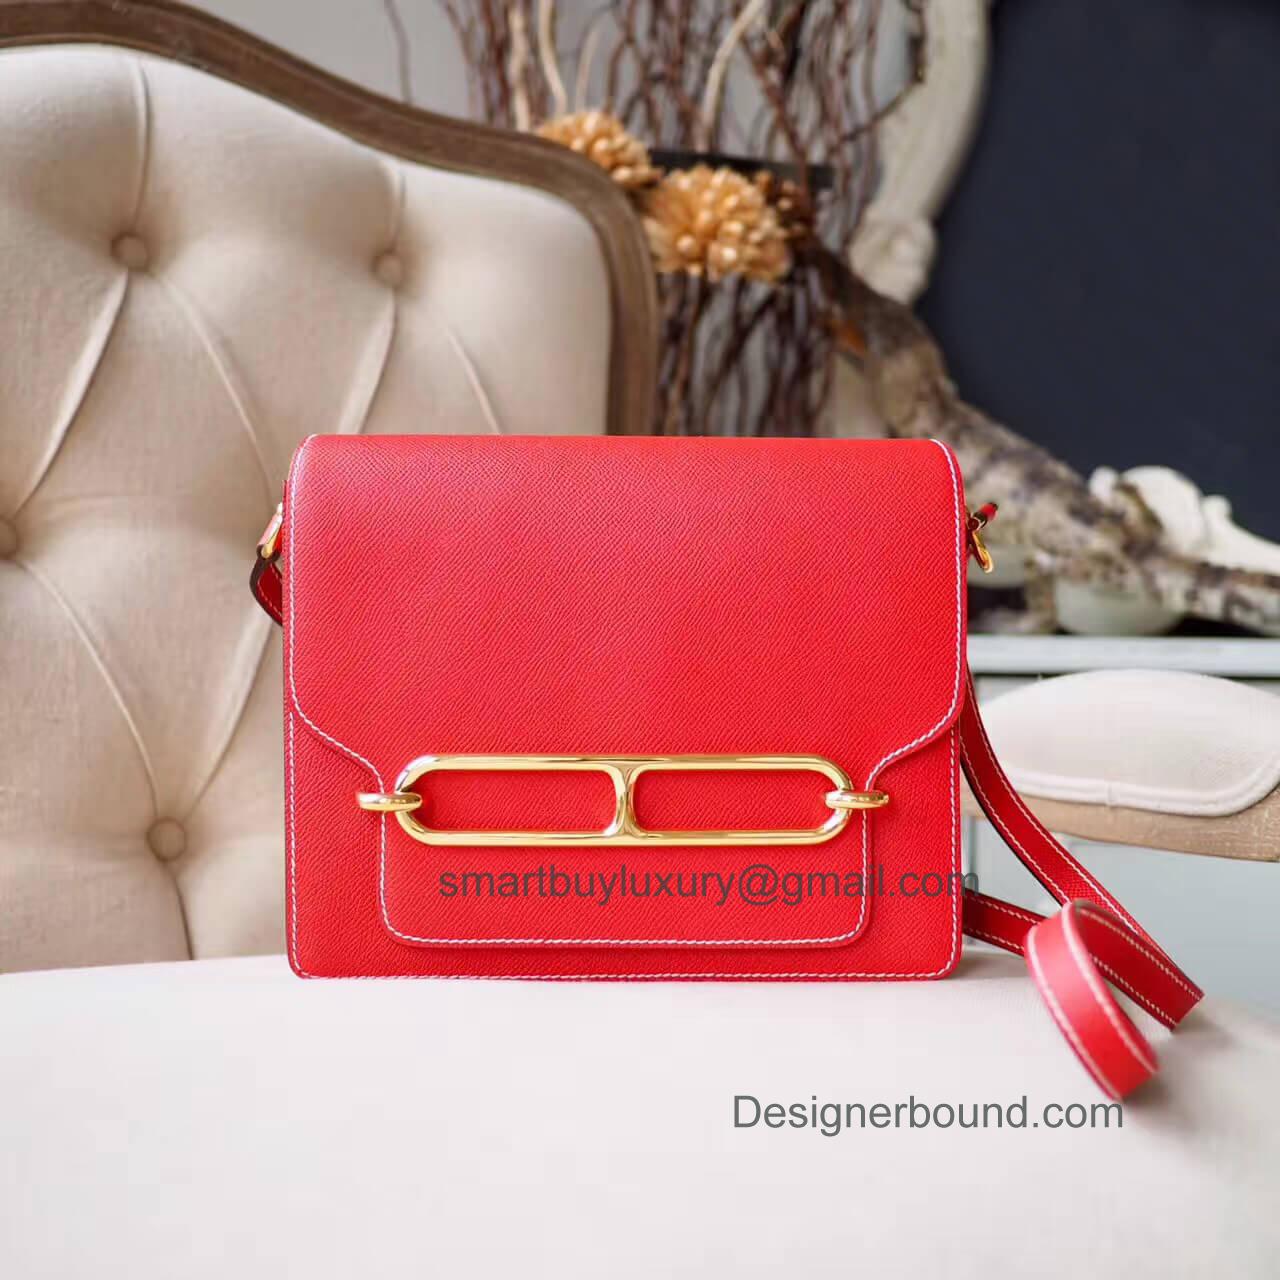 4418ba26bf Hermes Constance Elan 25 Bag in q5 Rouge Casaque Epsom GHW - Hermes ...